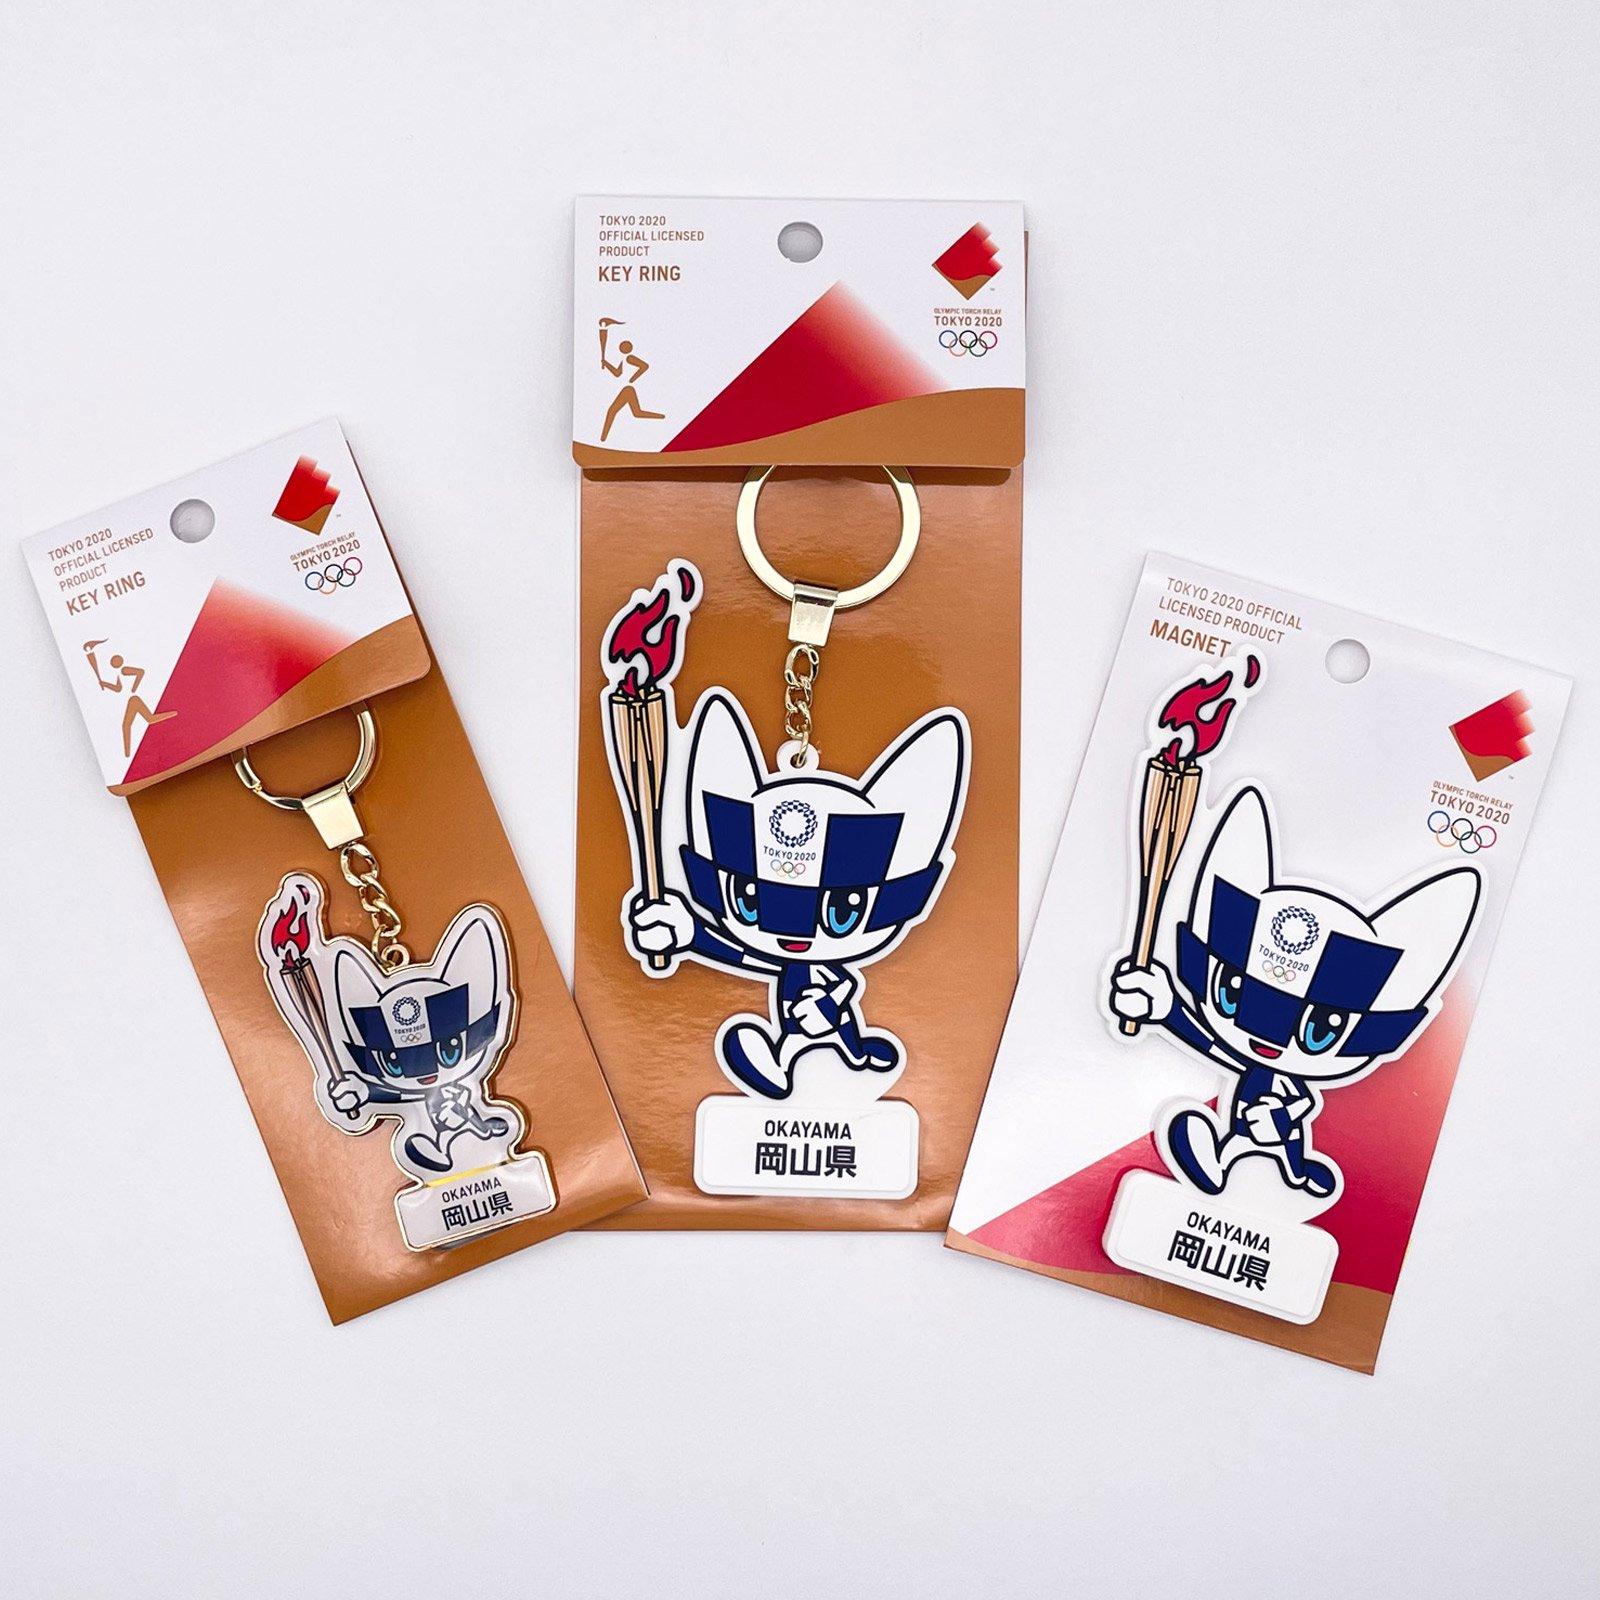 【セール価格】【お得なセット】東京2020オリンピック聖火リレーマスコット商品:岡山県セット